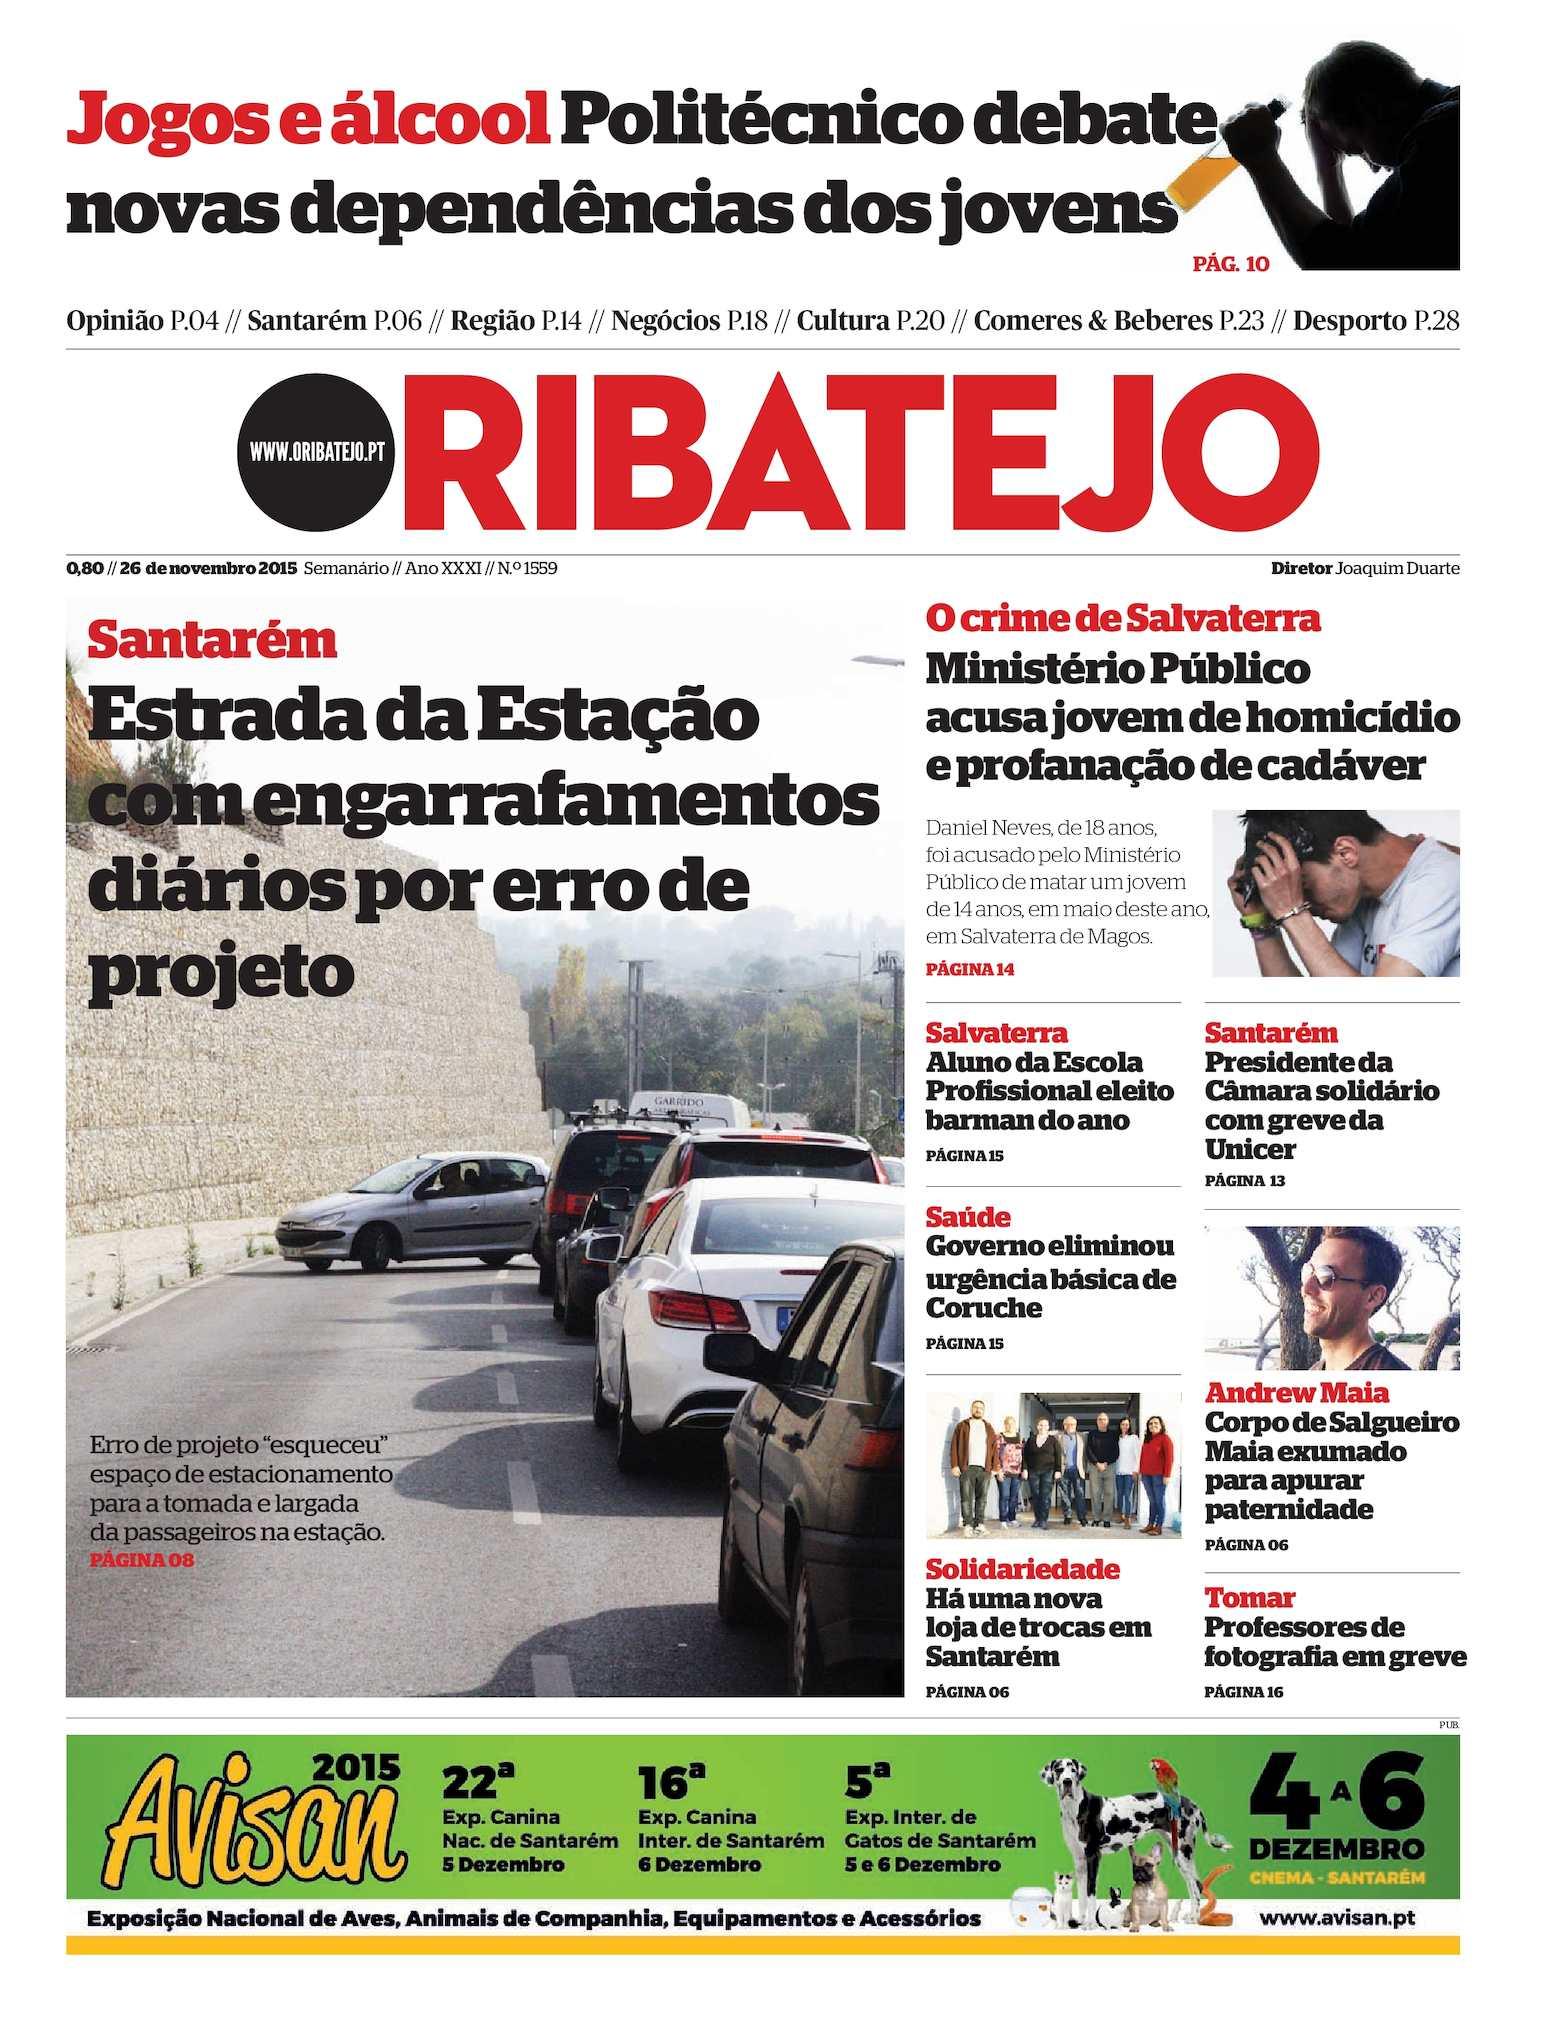 Calaméo - Edição 1559 do Jornal O Ribatejo - 26 de Novembro de 2015 9f9d2890382f9